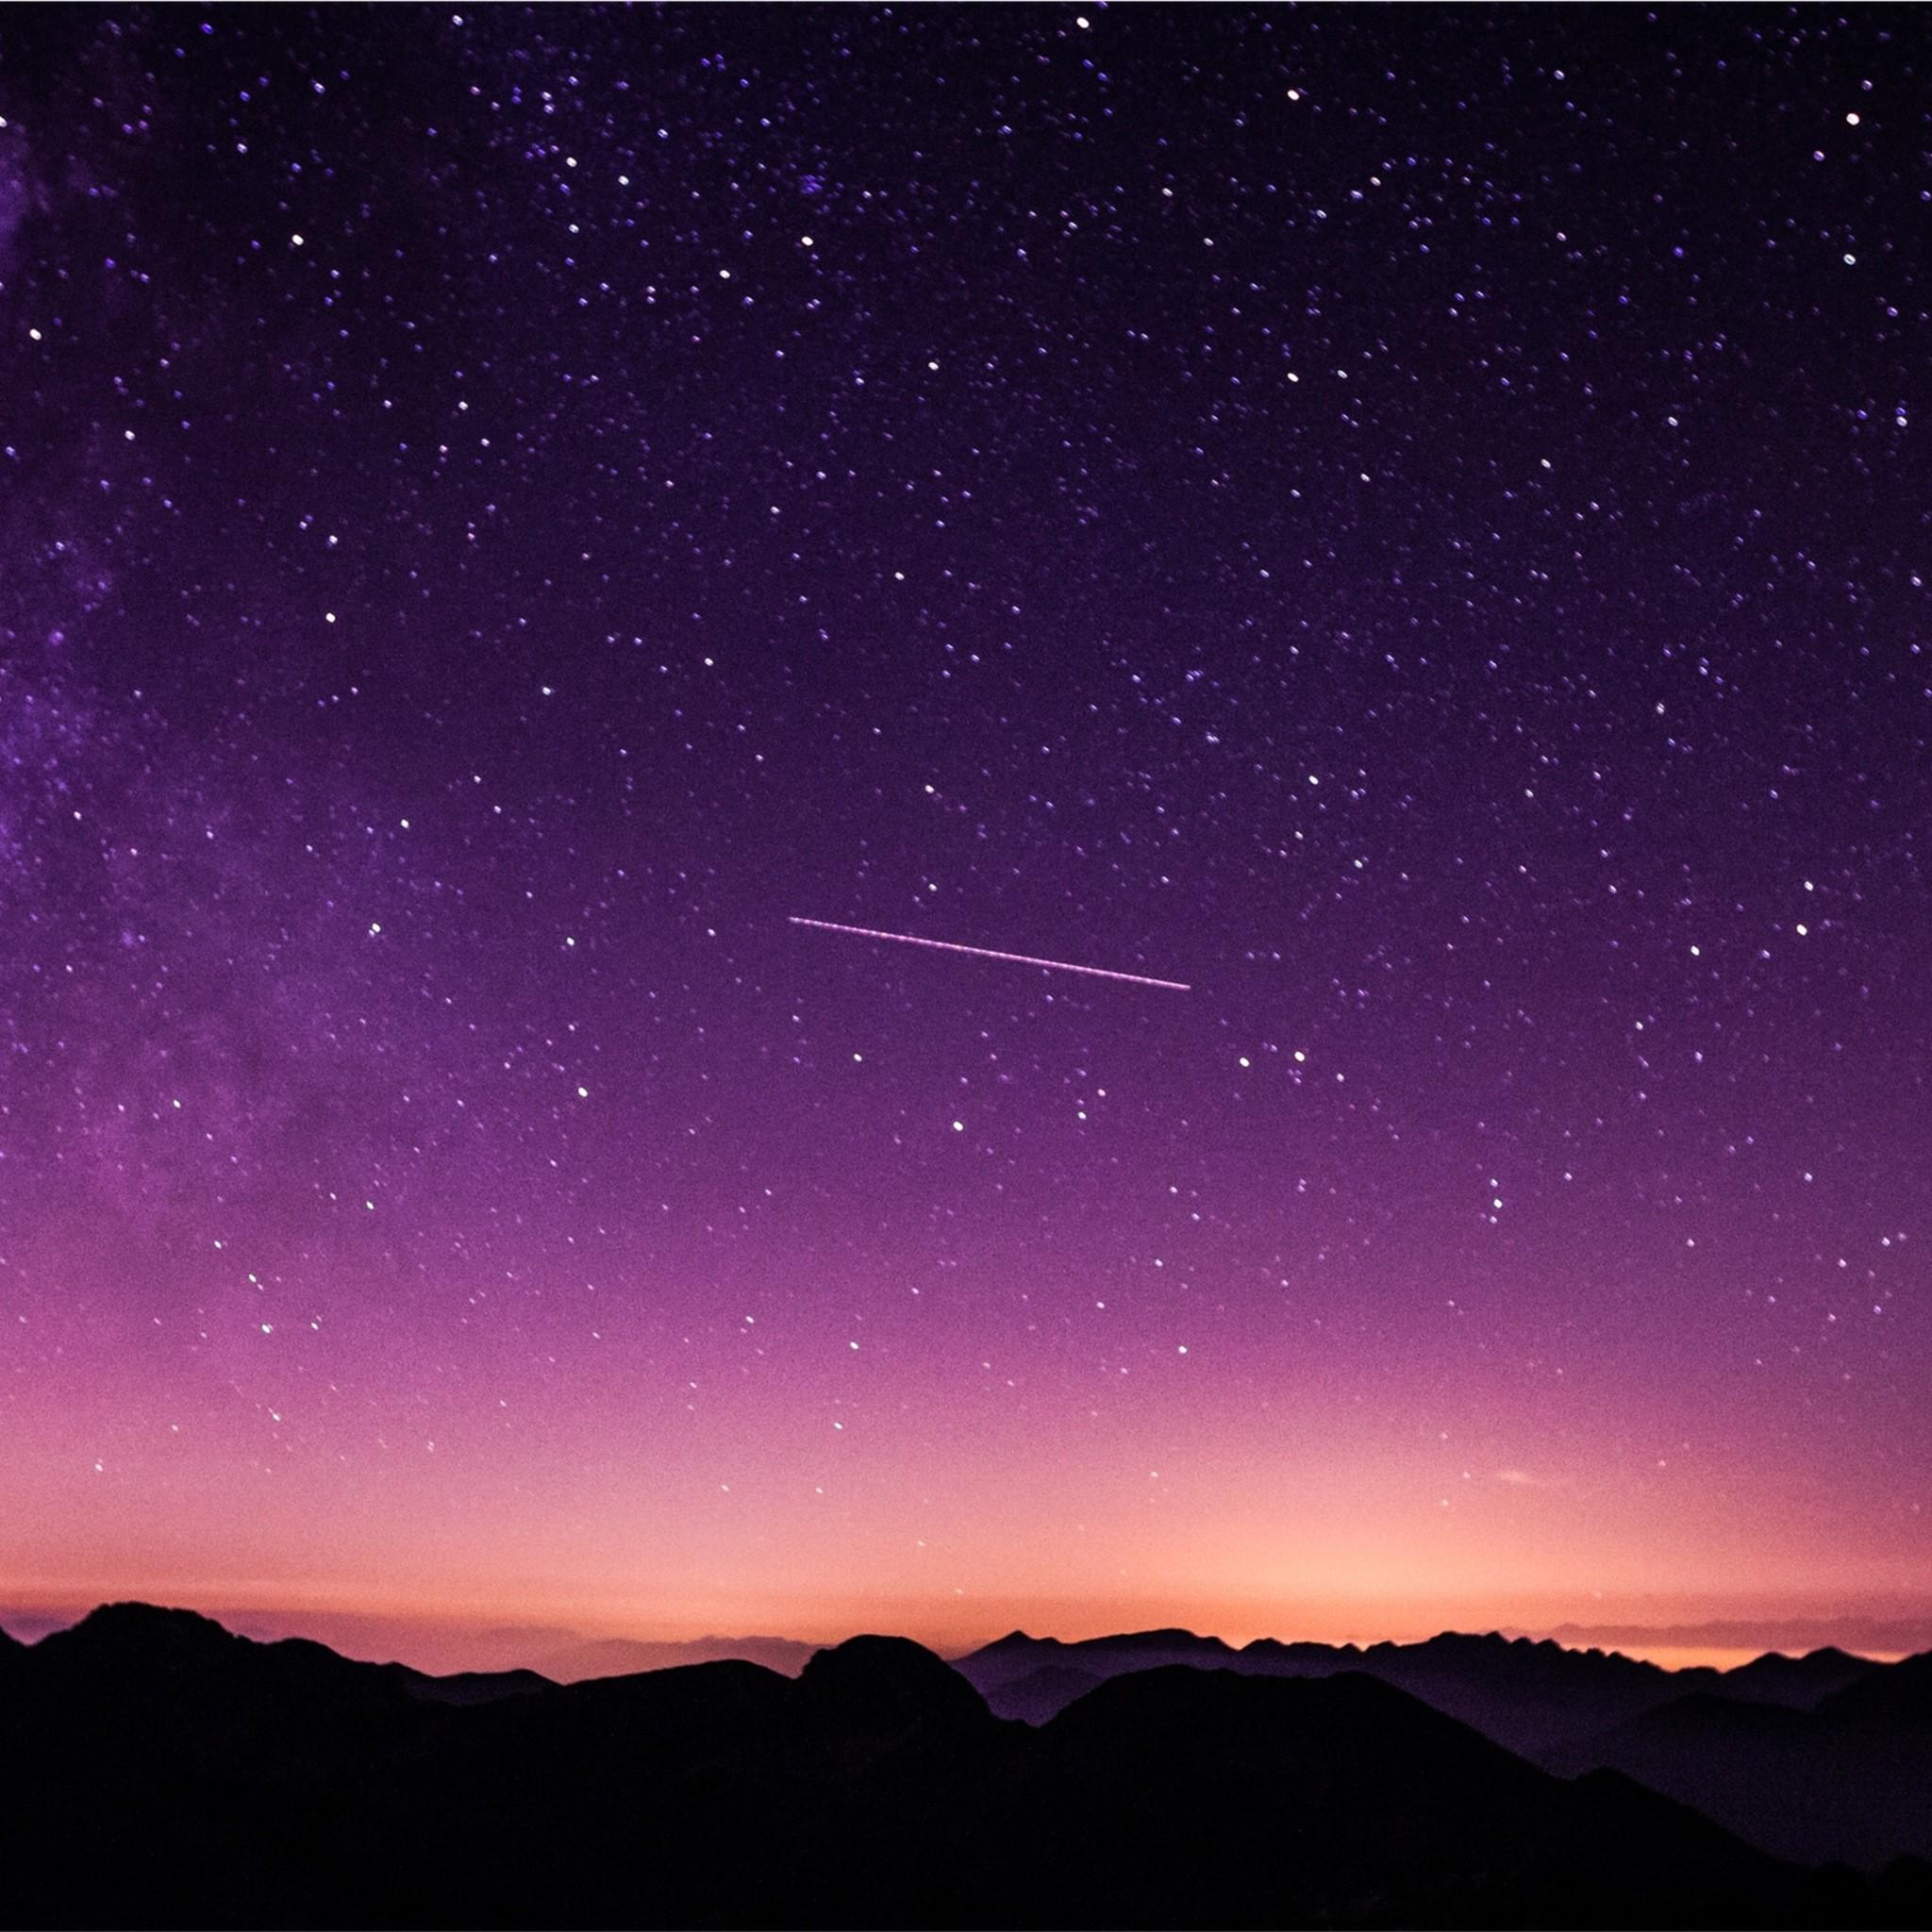 Res: 2048x2048, shooting-stars-in-purple-sky-k8.jpg